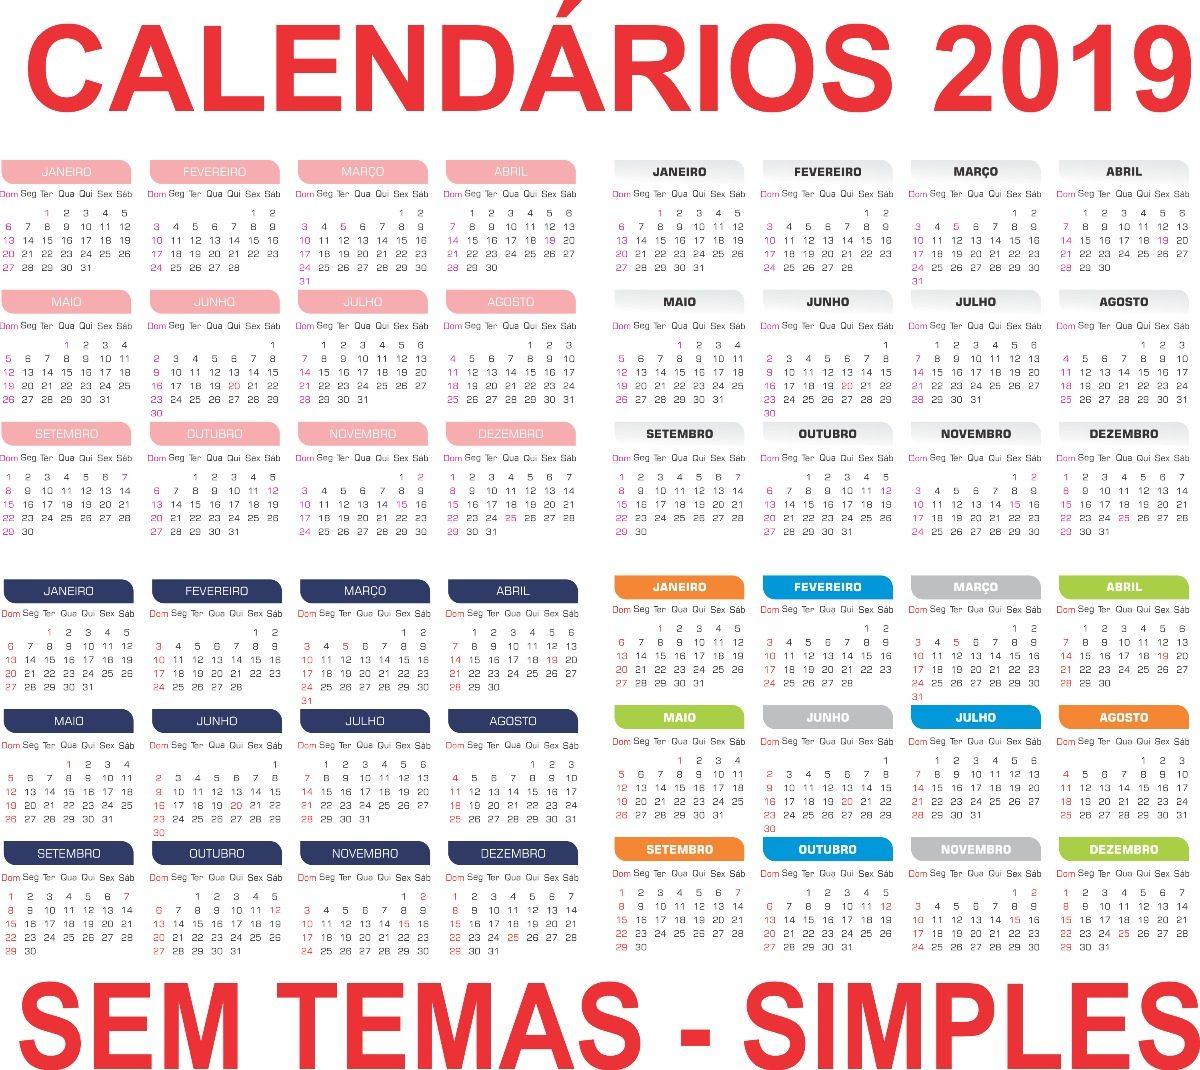 Calendario Mlb 2019 13